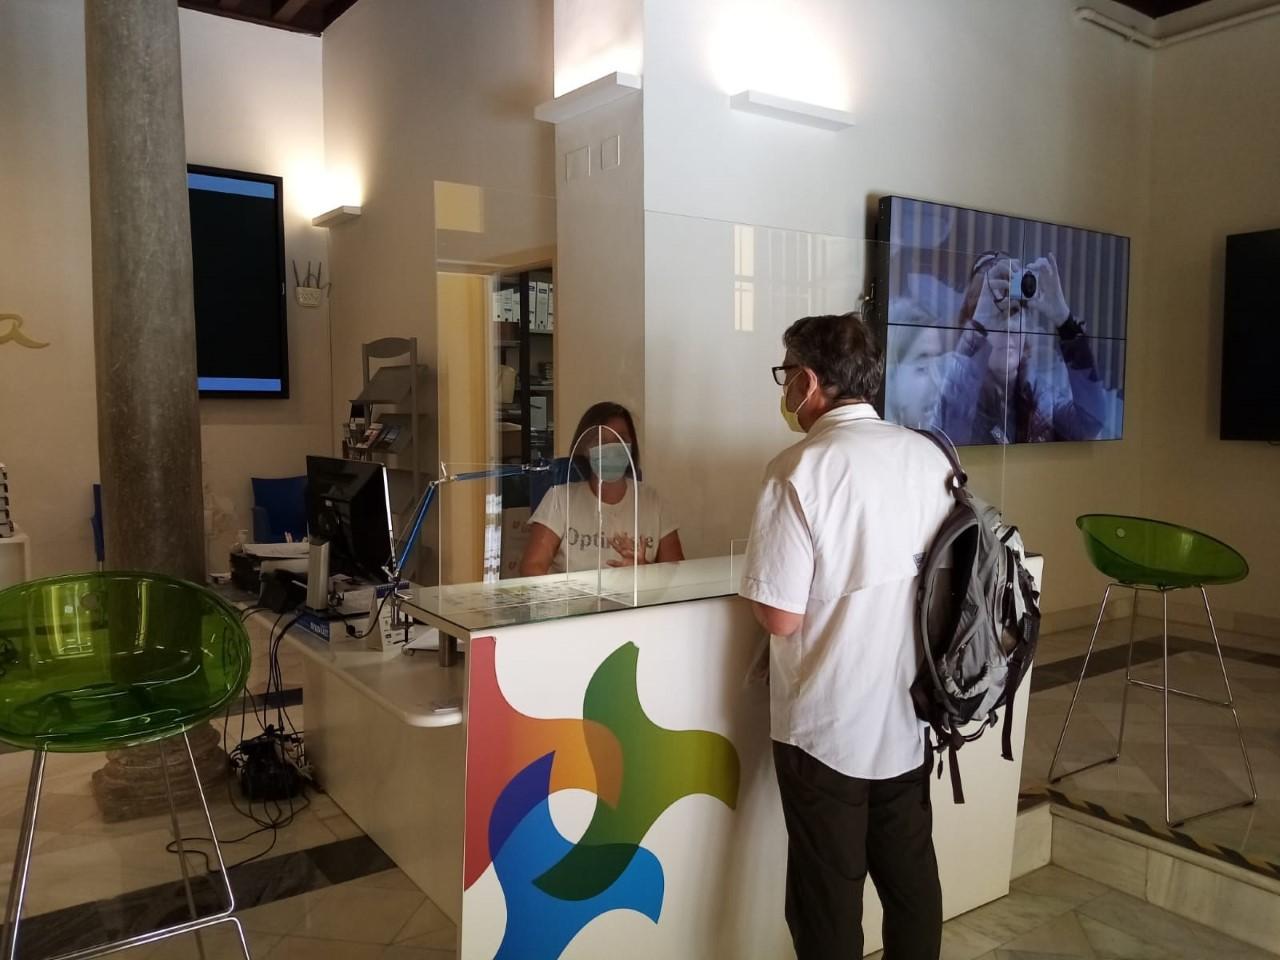 La oficina de información turística de la Diputación reabre al público con consultas telefónicas y presenciales